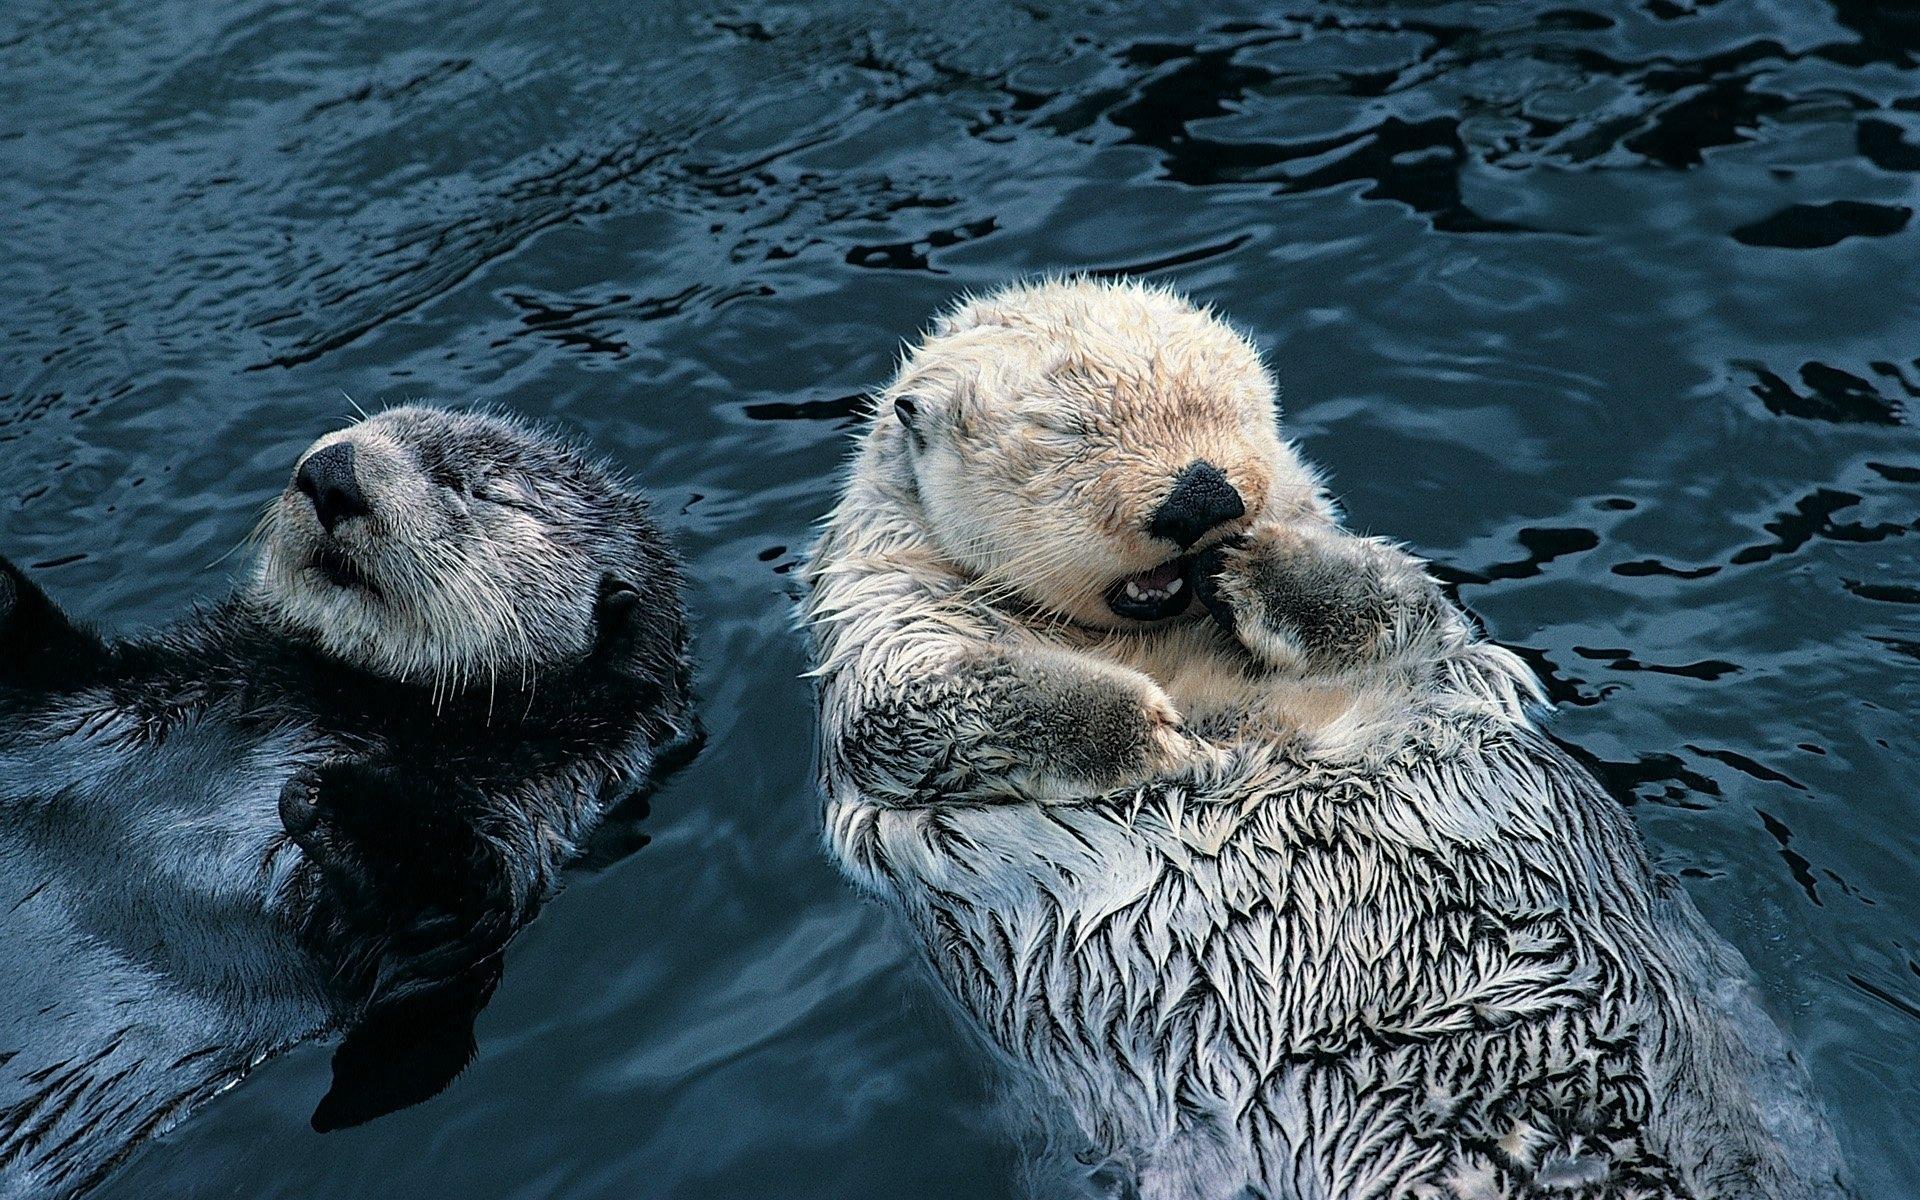 Wallpaper Otter Couple Grass Dirty Water Swim